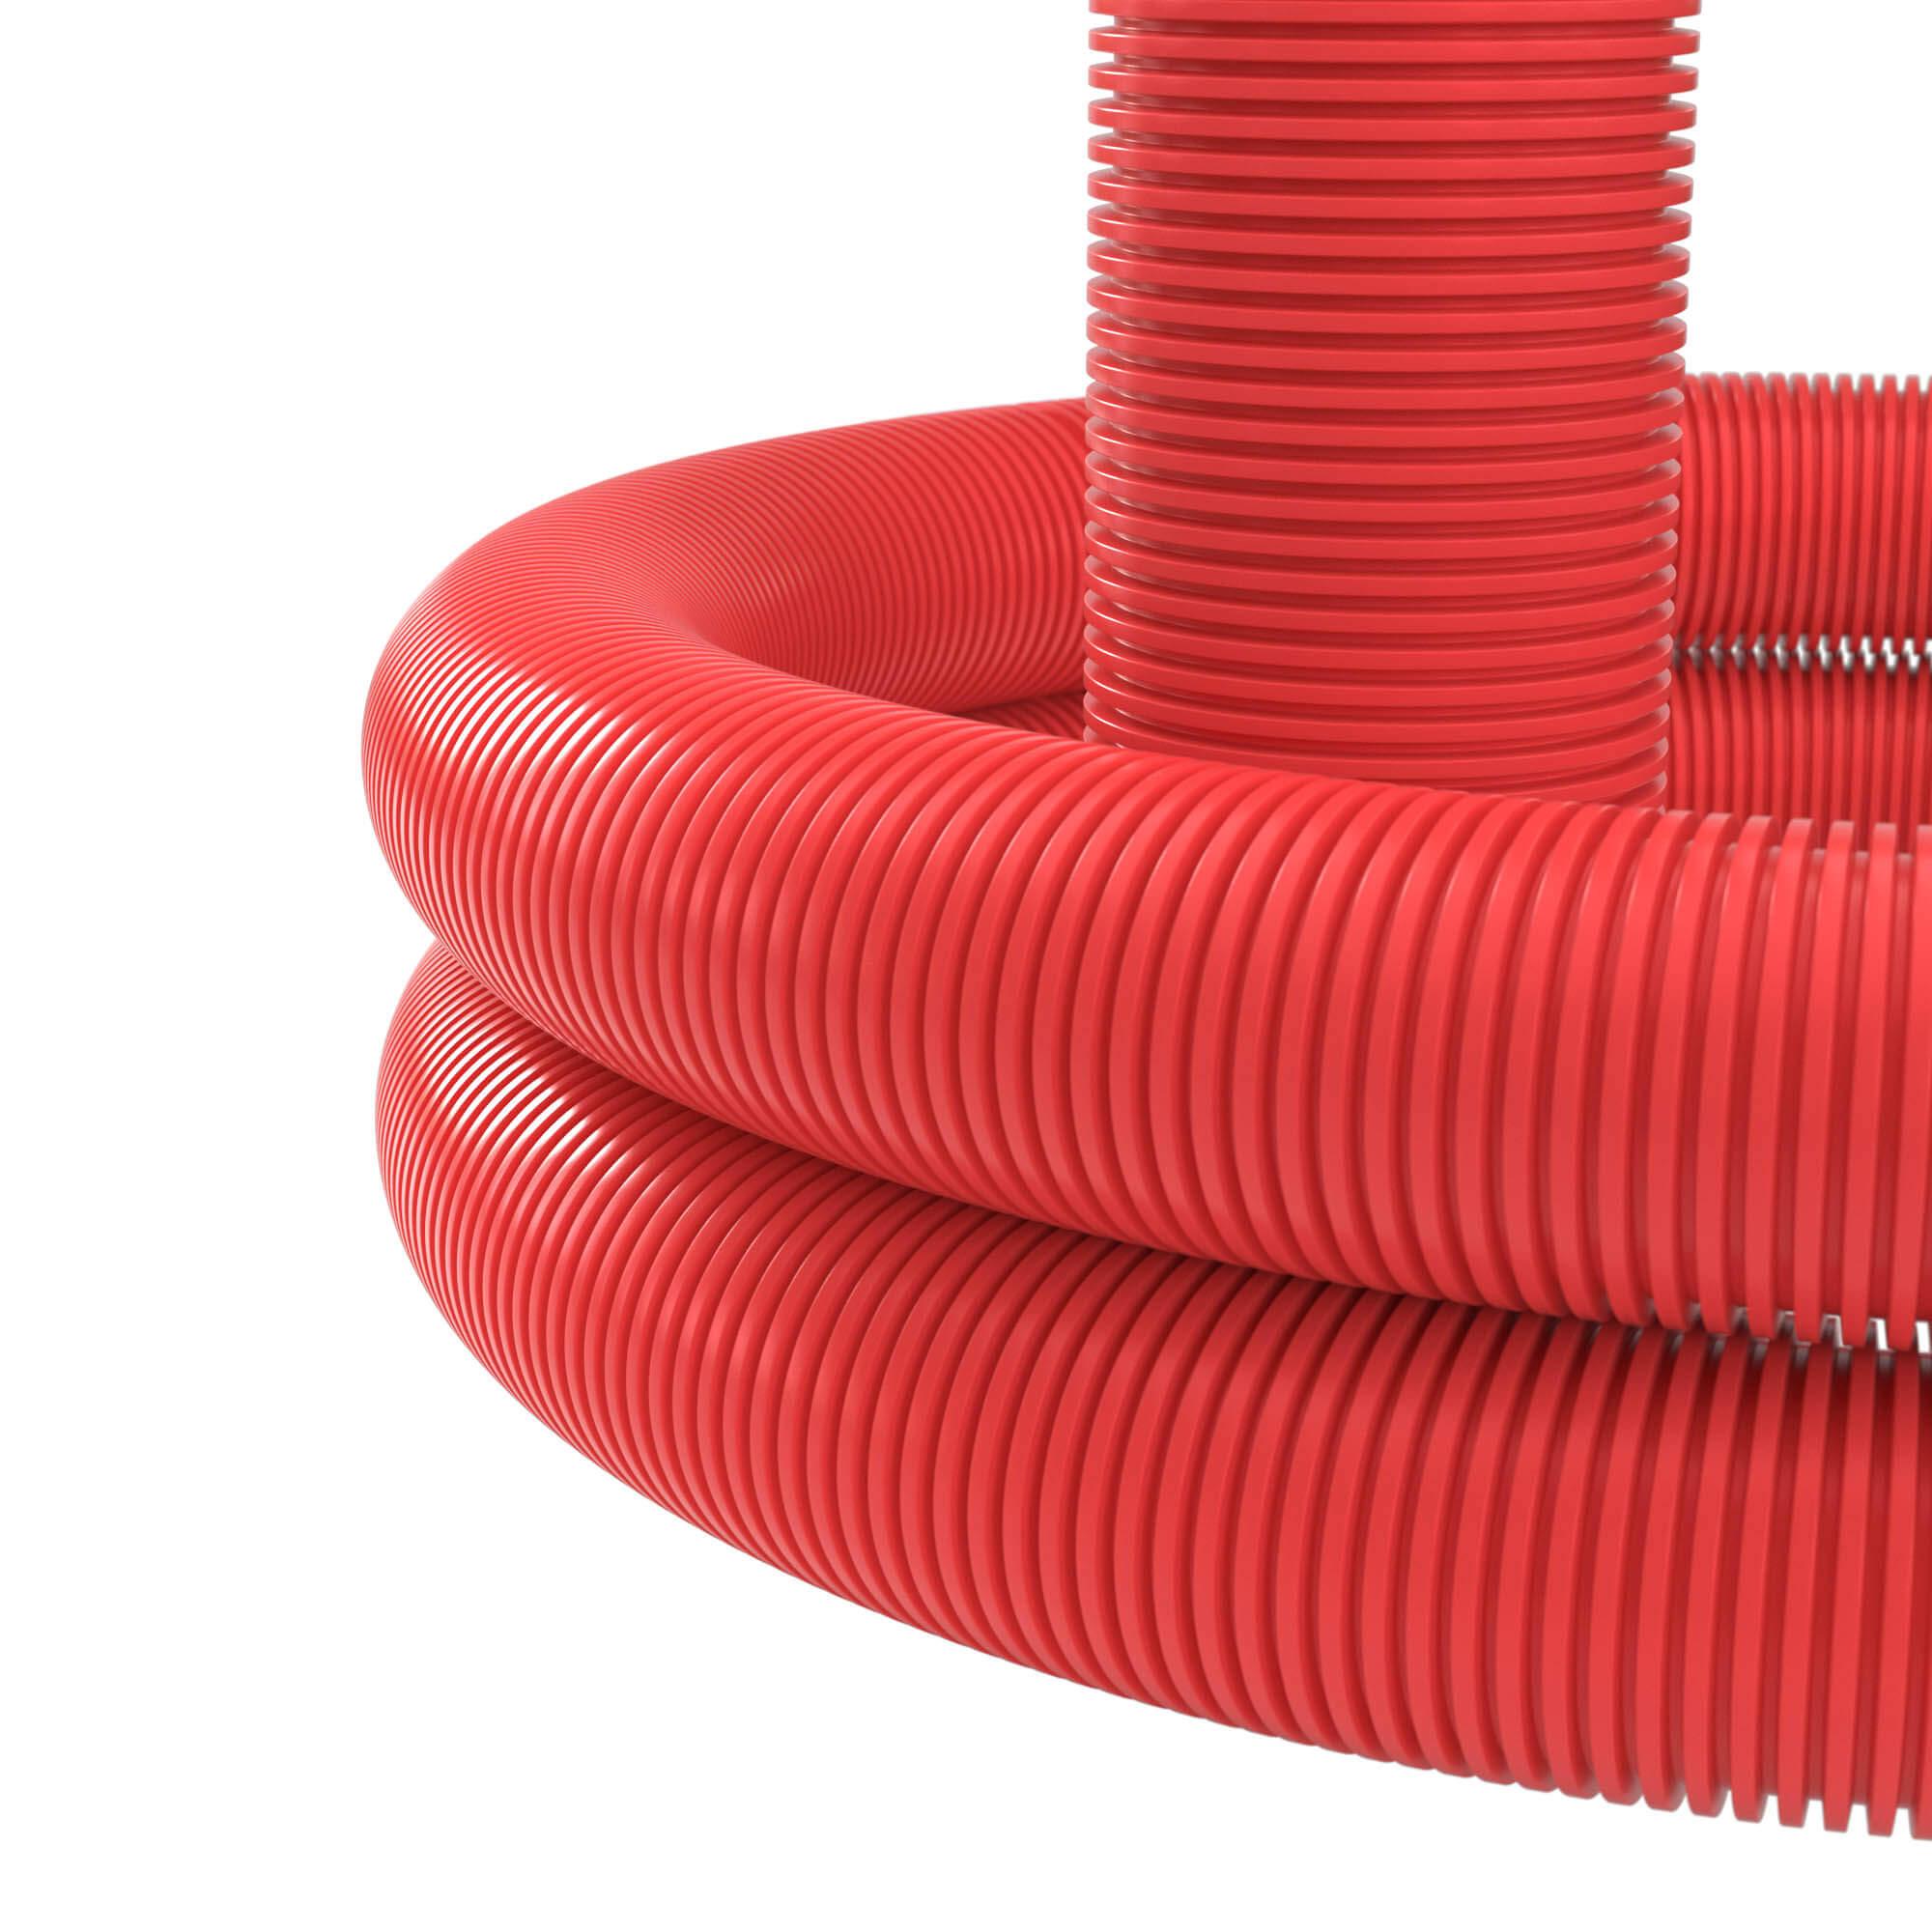 Двустенная труба ПНД гибкая для кабельной канализации d 50мм с протяжкой SN13 250Н в бухте 150м красный